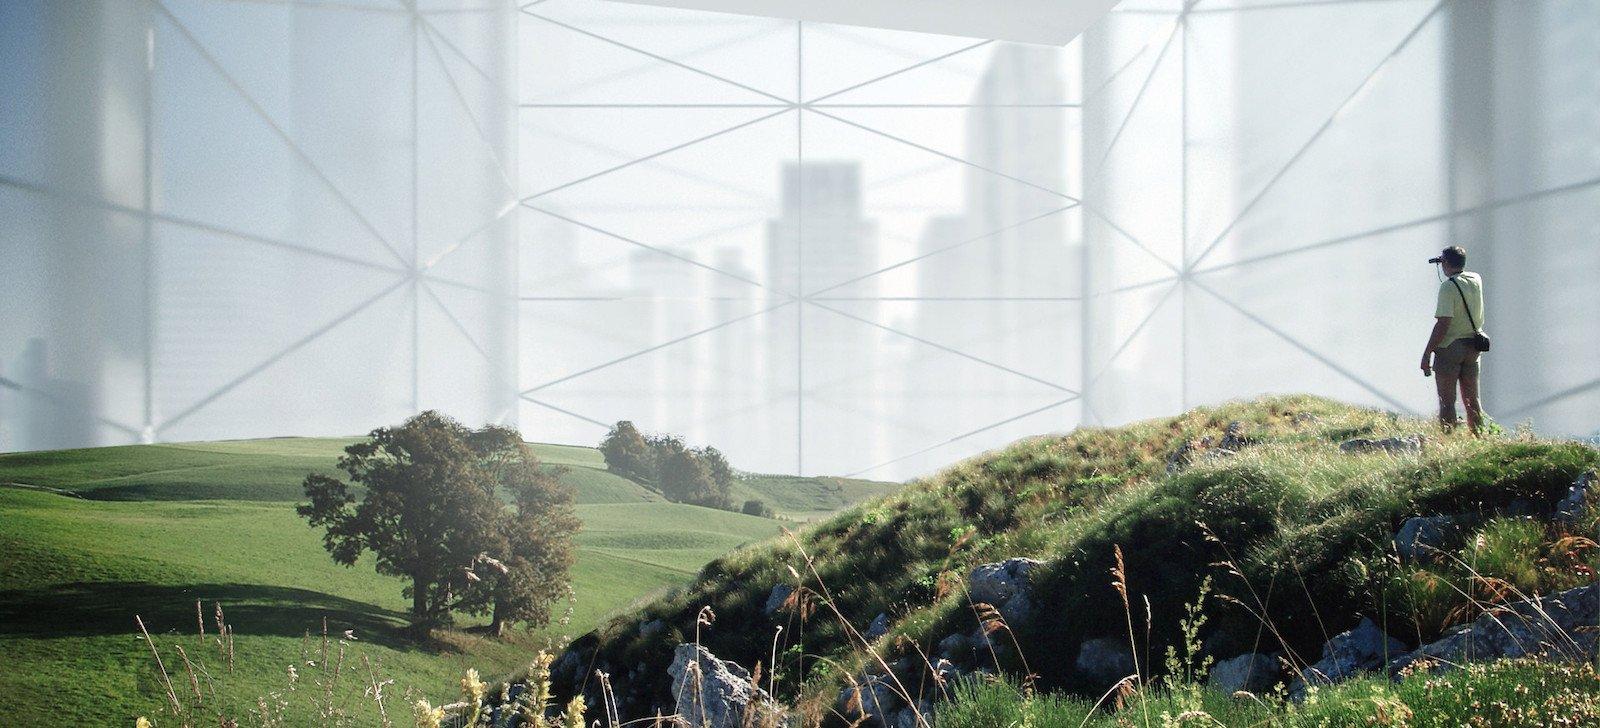 Spaziergang im Wolkenkratzer gefällig? So stellt sich das Architekturbüro Bomb die Zukunft vor – natürliche Landschaften verborgen inmitten eines riesigen Gebäudes.